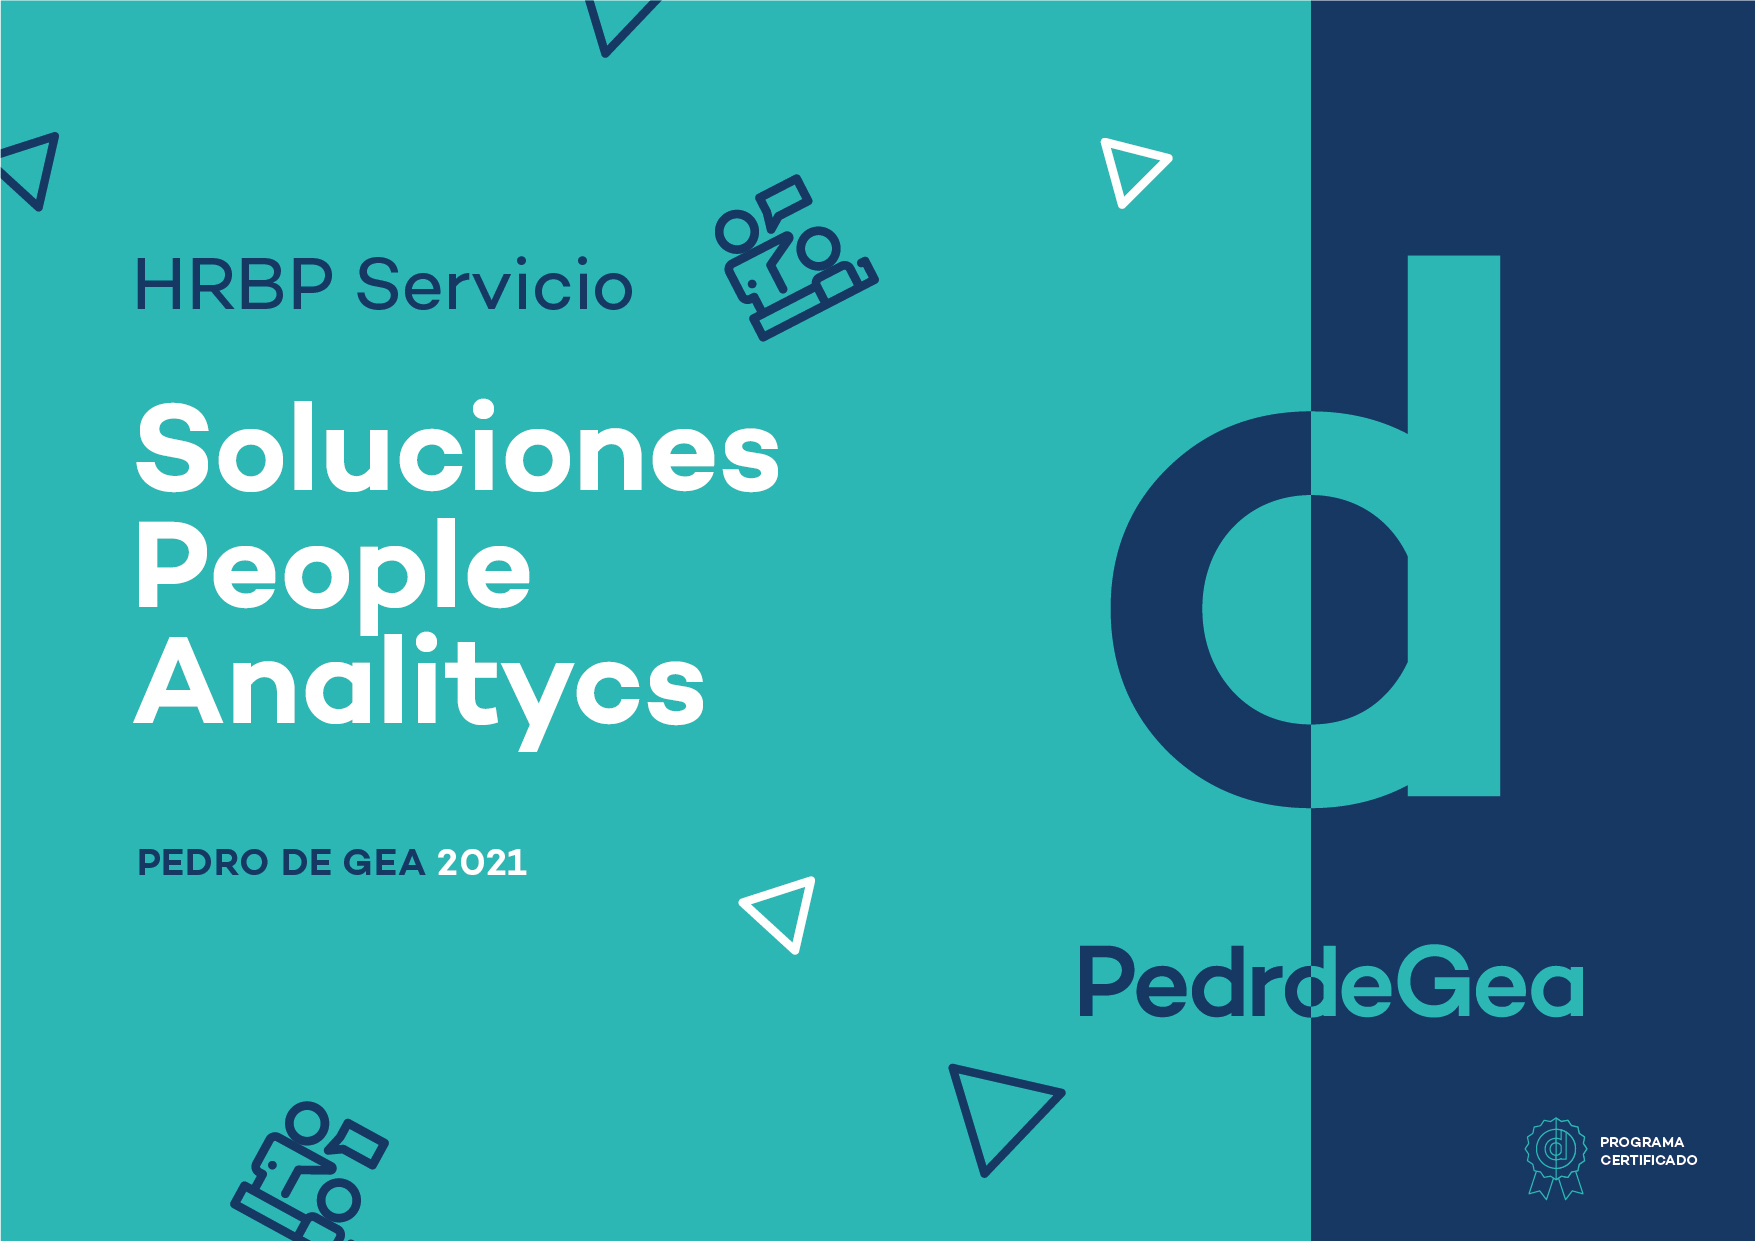 Programas-PedroDeGea-12